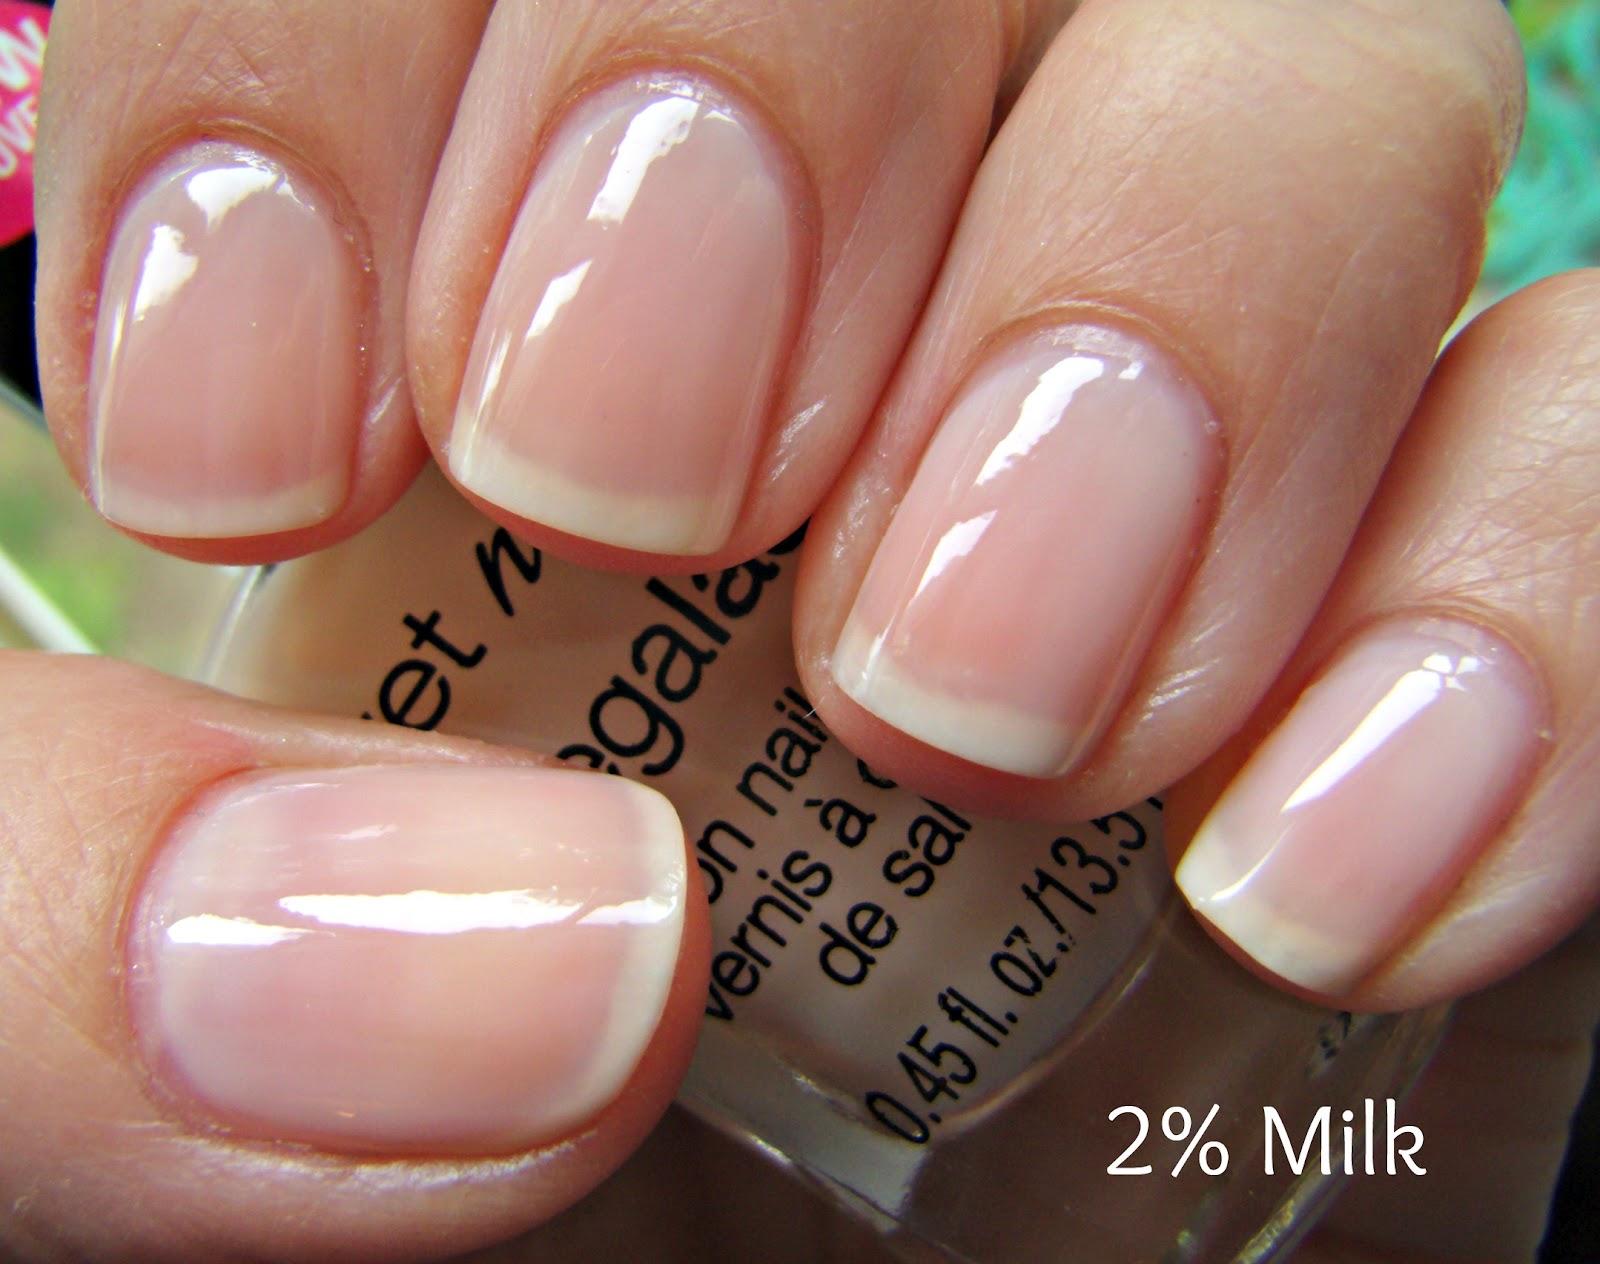 Obsessive Cosmetic Hoarders Unite!: Jelly/Glitter Nail Polish ...